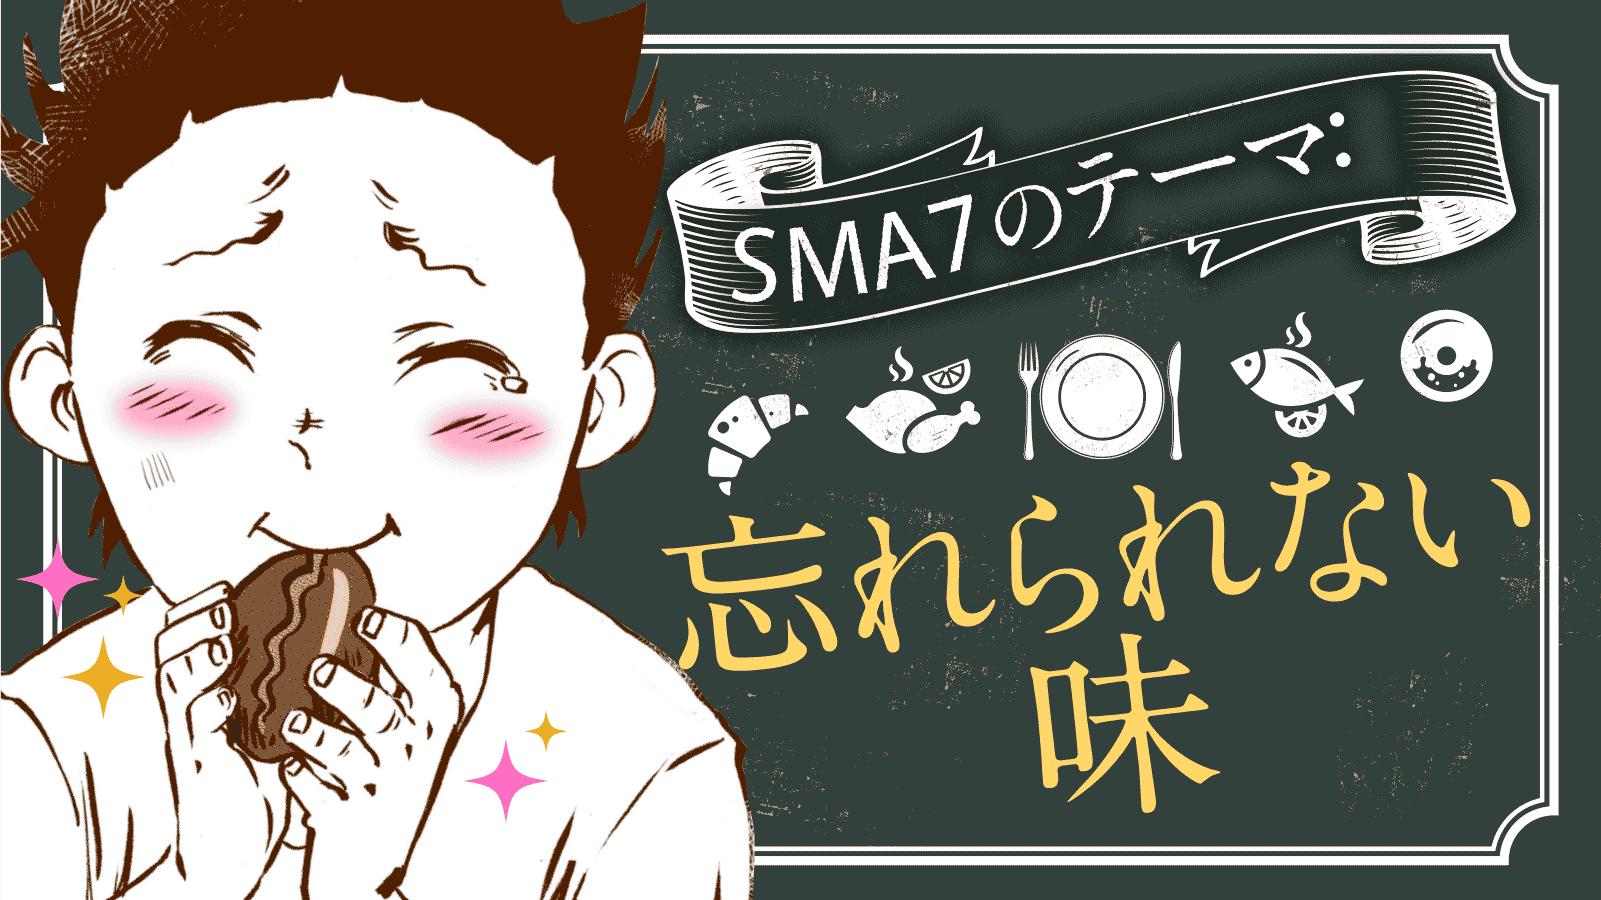 SMA7 Theme